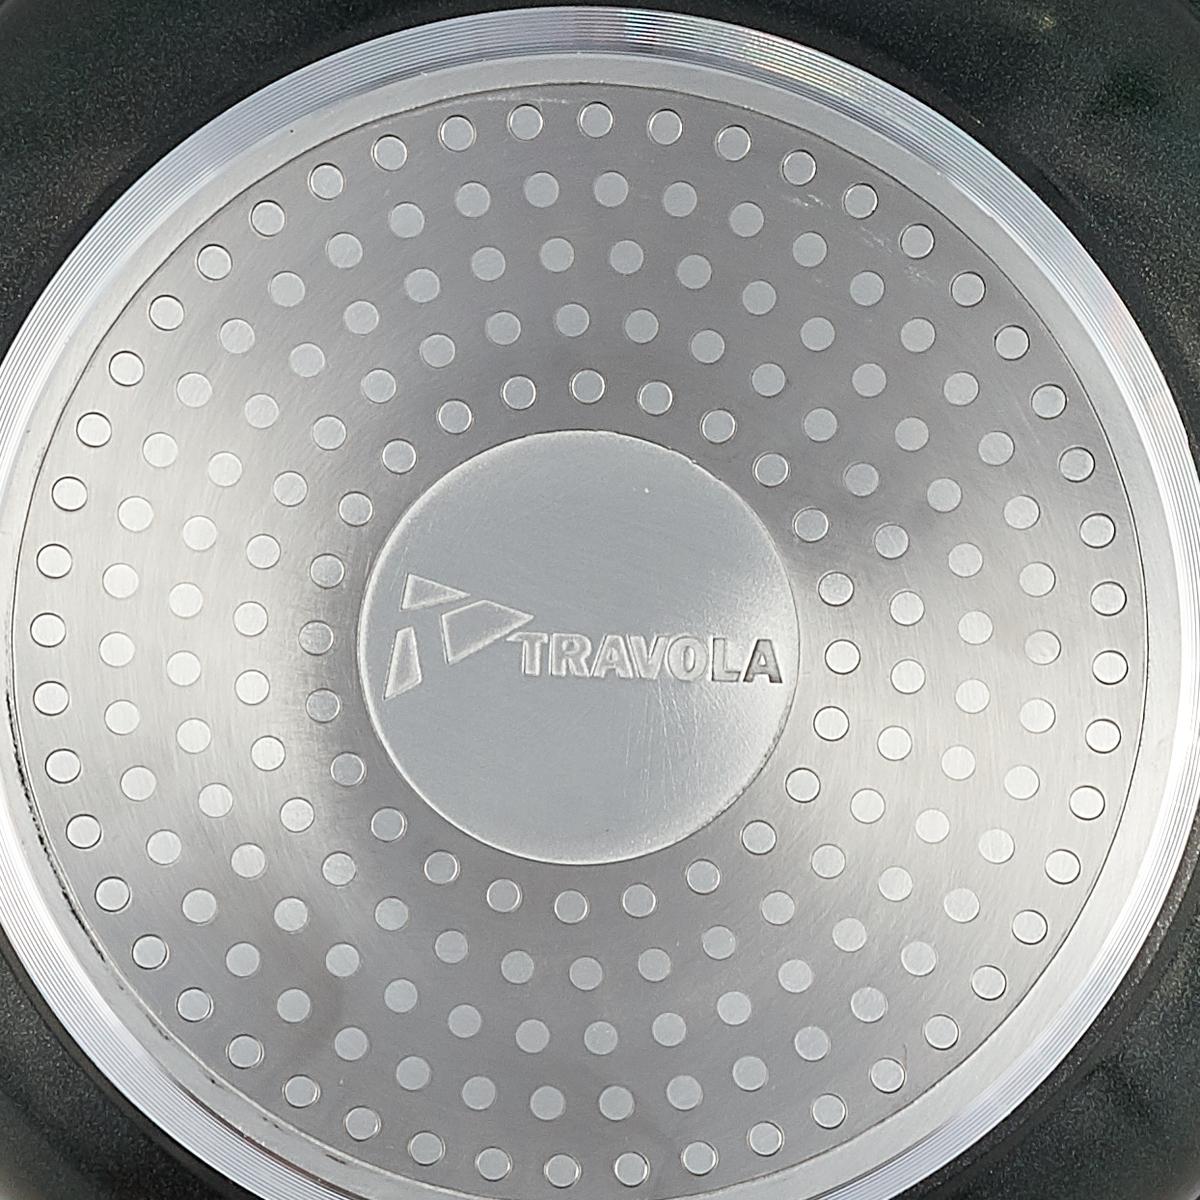 """Сковорода """"Travola"""" выполнена из прочного алюминия с антипригарным покрытием. Используемое  покрытие не содержит вредных для здоровья человека веществ, таких как свинец, кадмий и  PFOA. При соблюдении рабочих температур эксплуатации данное покрытие не вступает в  реакцию с пищей, что делает его абсолютно безопасным для приготовления любых блюд.   Ручка выполнена из качественного металла с силиконовым покрытием, благодаря чему не  нагревается, не плавится, обеспечивая безопасное использование при приготовлении.  Сковорода """"Travola"""" разработана для использования как на традиционных типах плит (газовые,  электрические, стеклокерамические, галогеновые), так и на самых современных - индукционных.  Рекомендации:  Промойте водой перед первым применением.  Не используйте  металлические щетки для очистки.  Запрещено мыть в посудомоечной машине.  Длина ручки: 17 см."""